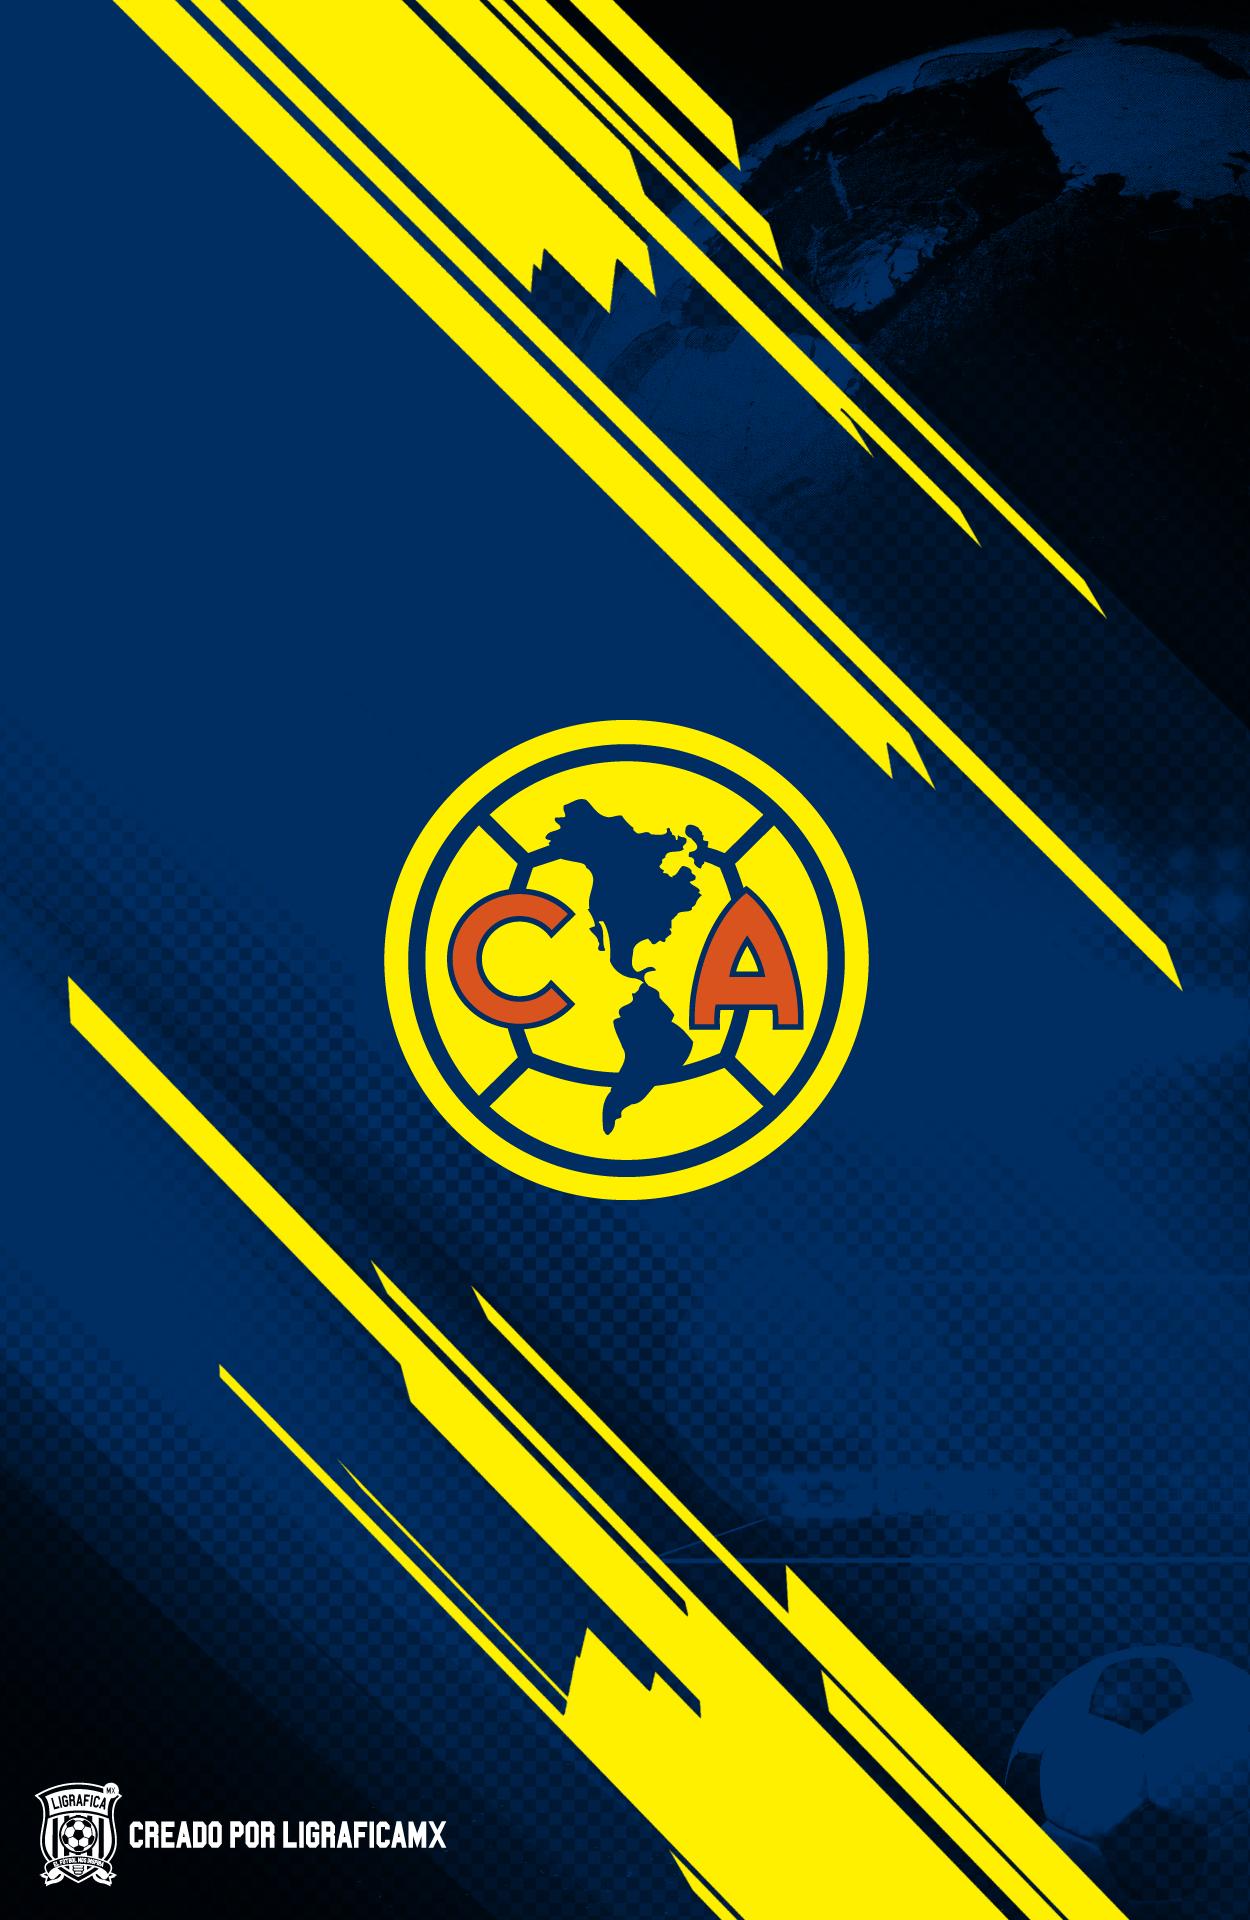 Club Am 233 Rica Ligraficamx Dise 241 Os Ligraficamx